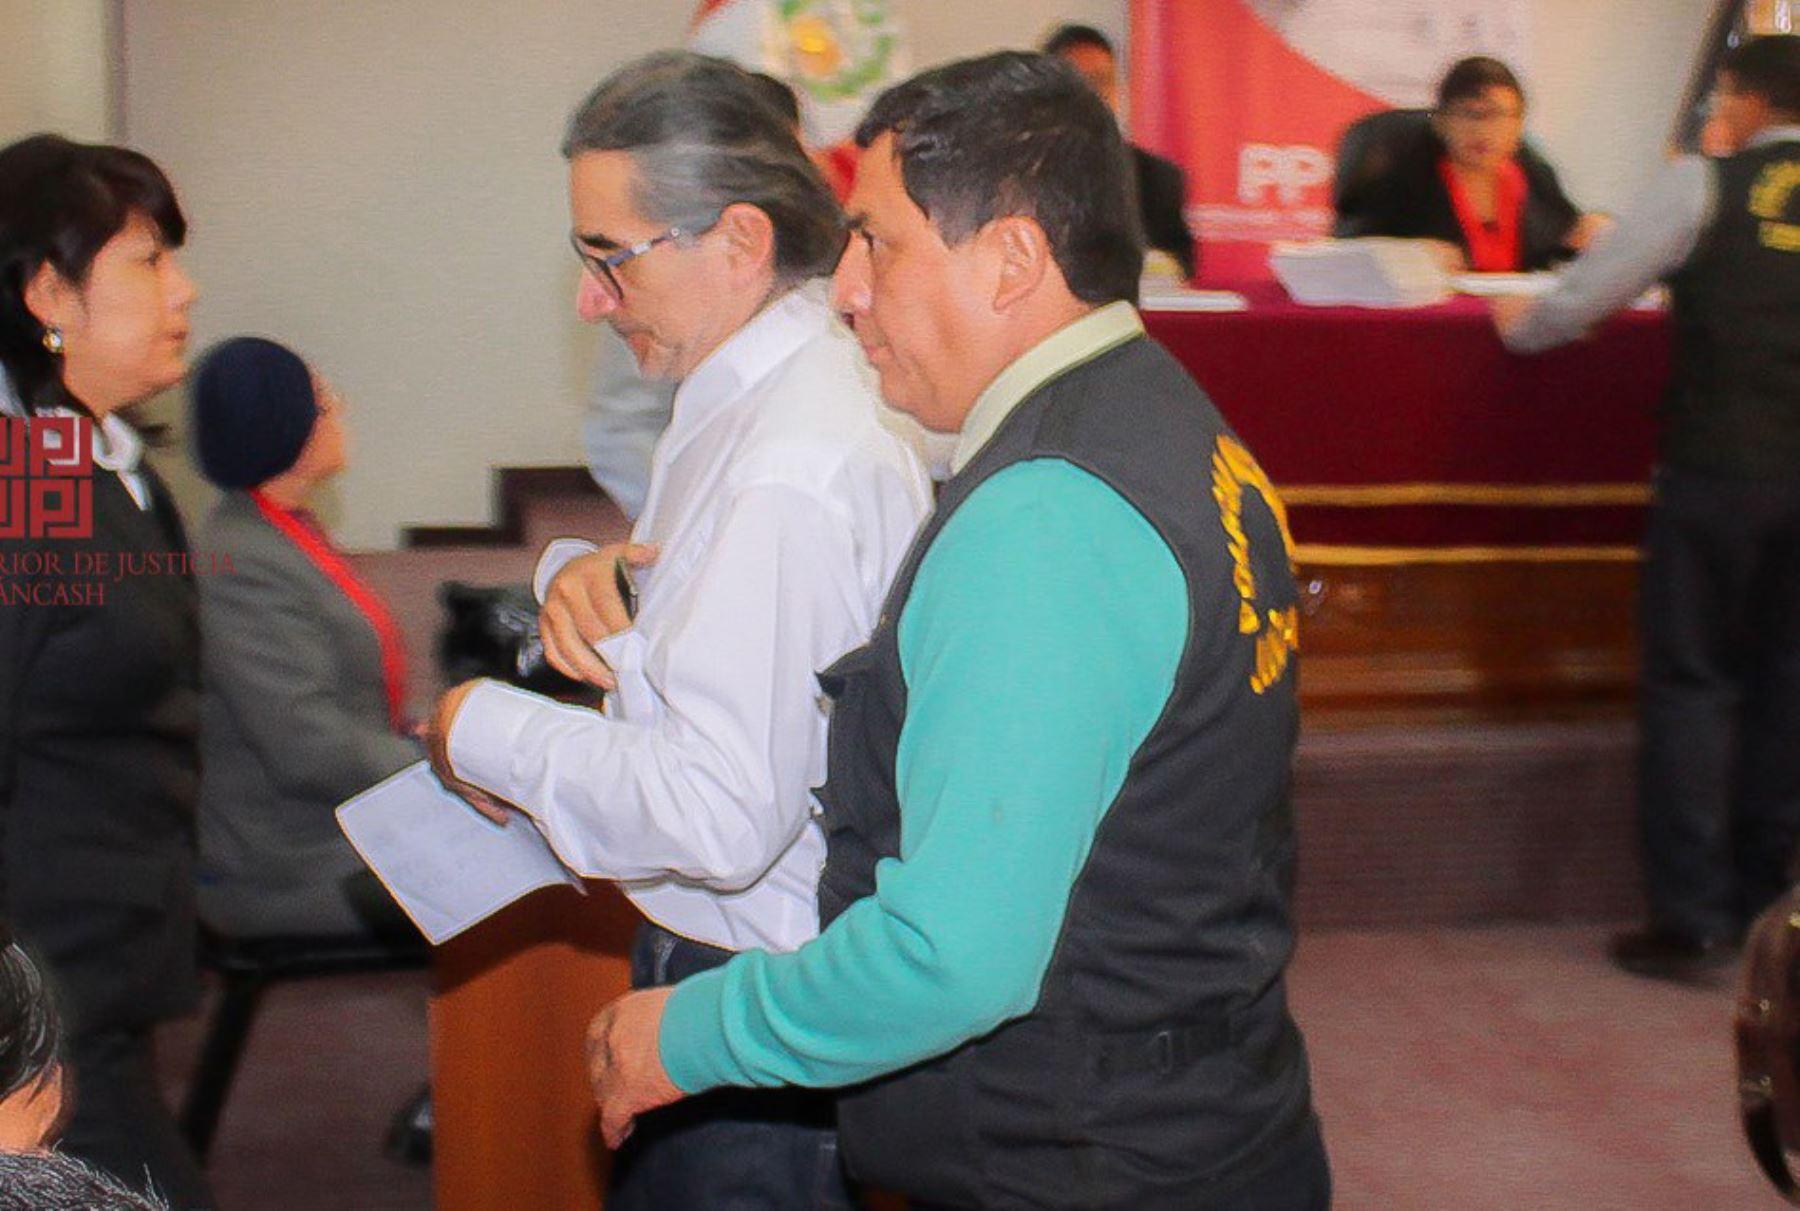 Condenan a cinco años de cárcel al gobernador de Áncash, Waldo Ríos. Foto: Corte Superior de Justicia de Áncash